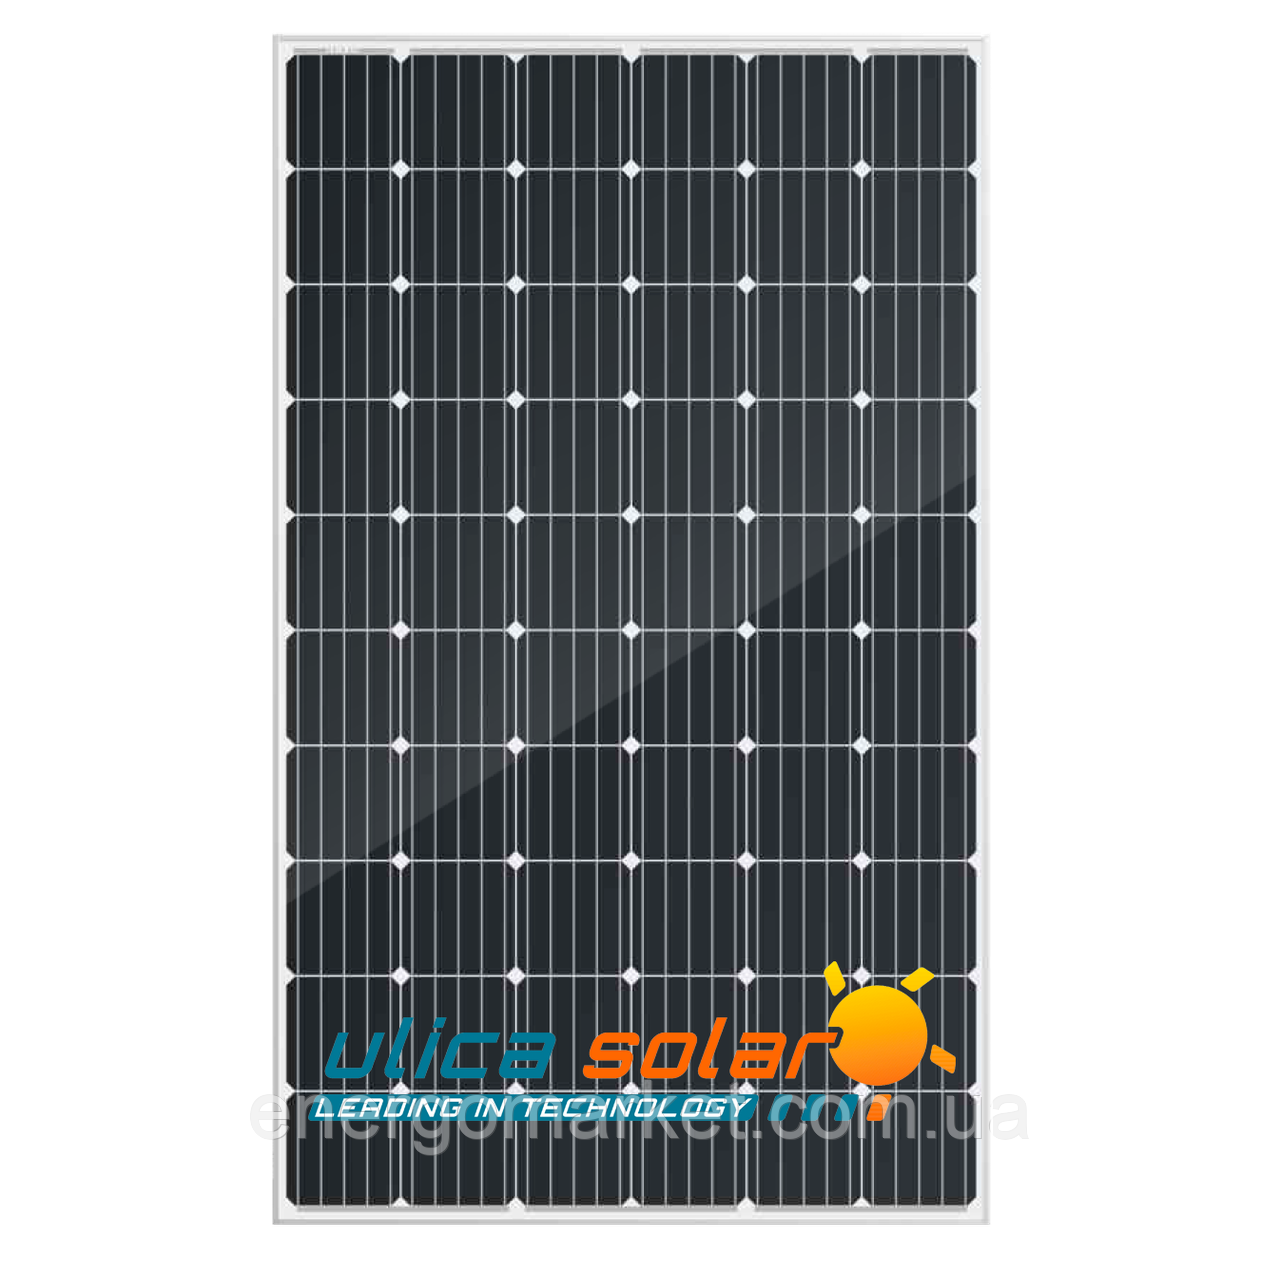 Монокристаллическая солнечная панель Ulica Solar UL-320М-60 PERC (320 Вт, 5 ВВ, 60 full cell)